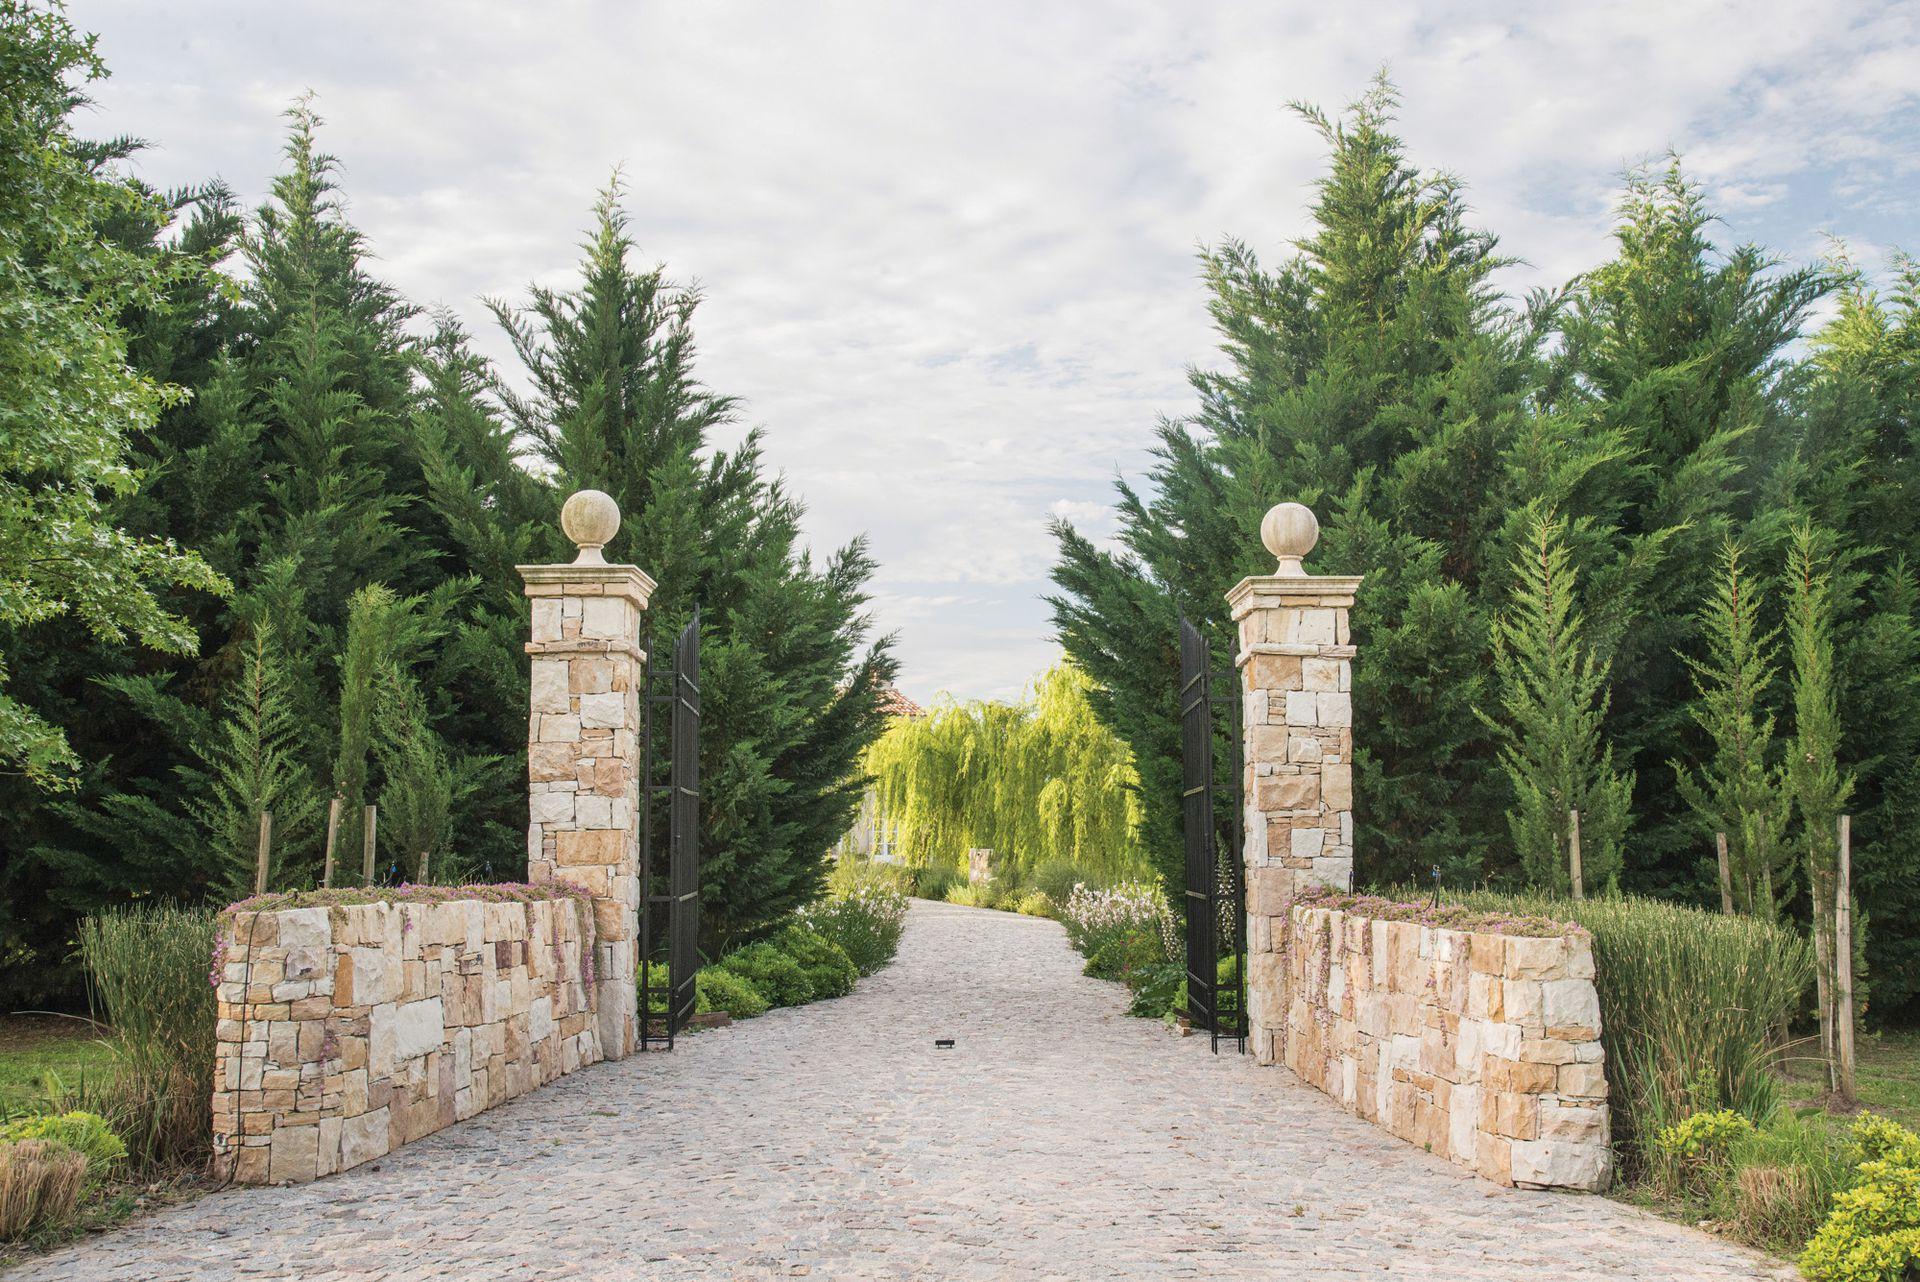 El acceso a la propiedad se realiza a través de un portón de hierro con muretes y columnas de piedra, en donde ya se vislumbra  el estilo de La Toscana.